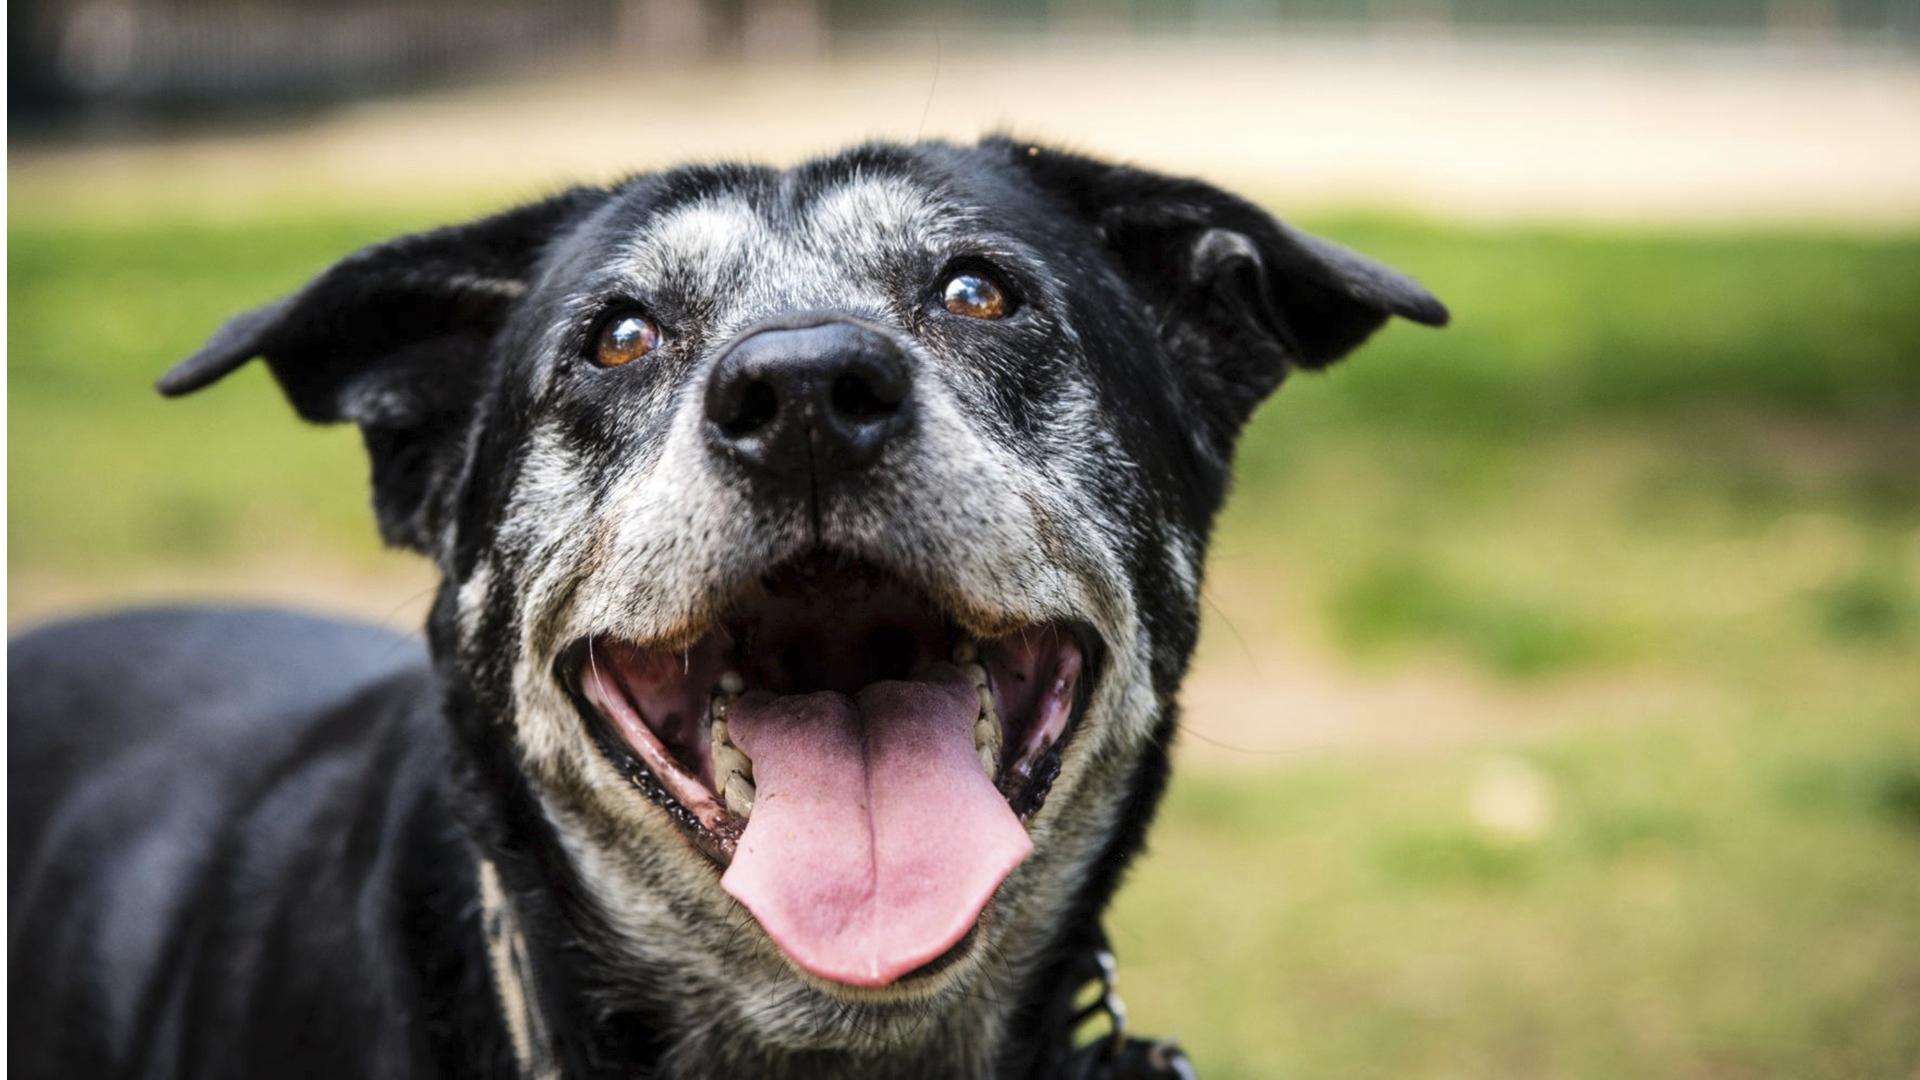 Hyvänkään hoitotasapainon löytyminen takaa ikuisesti oireetonta koiraystävää. Koirien atopian olomuoto voi muuttua iän myötä, jolloin hoitoa voidaan joutua taas muuttamaan.